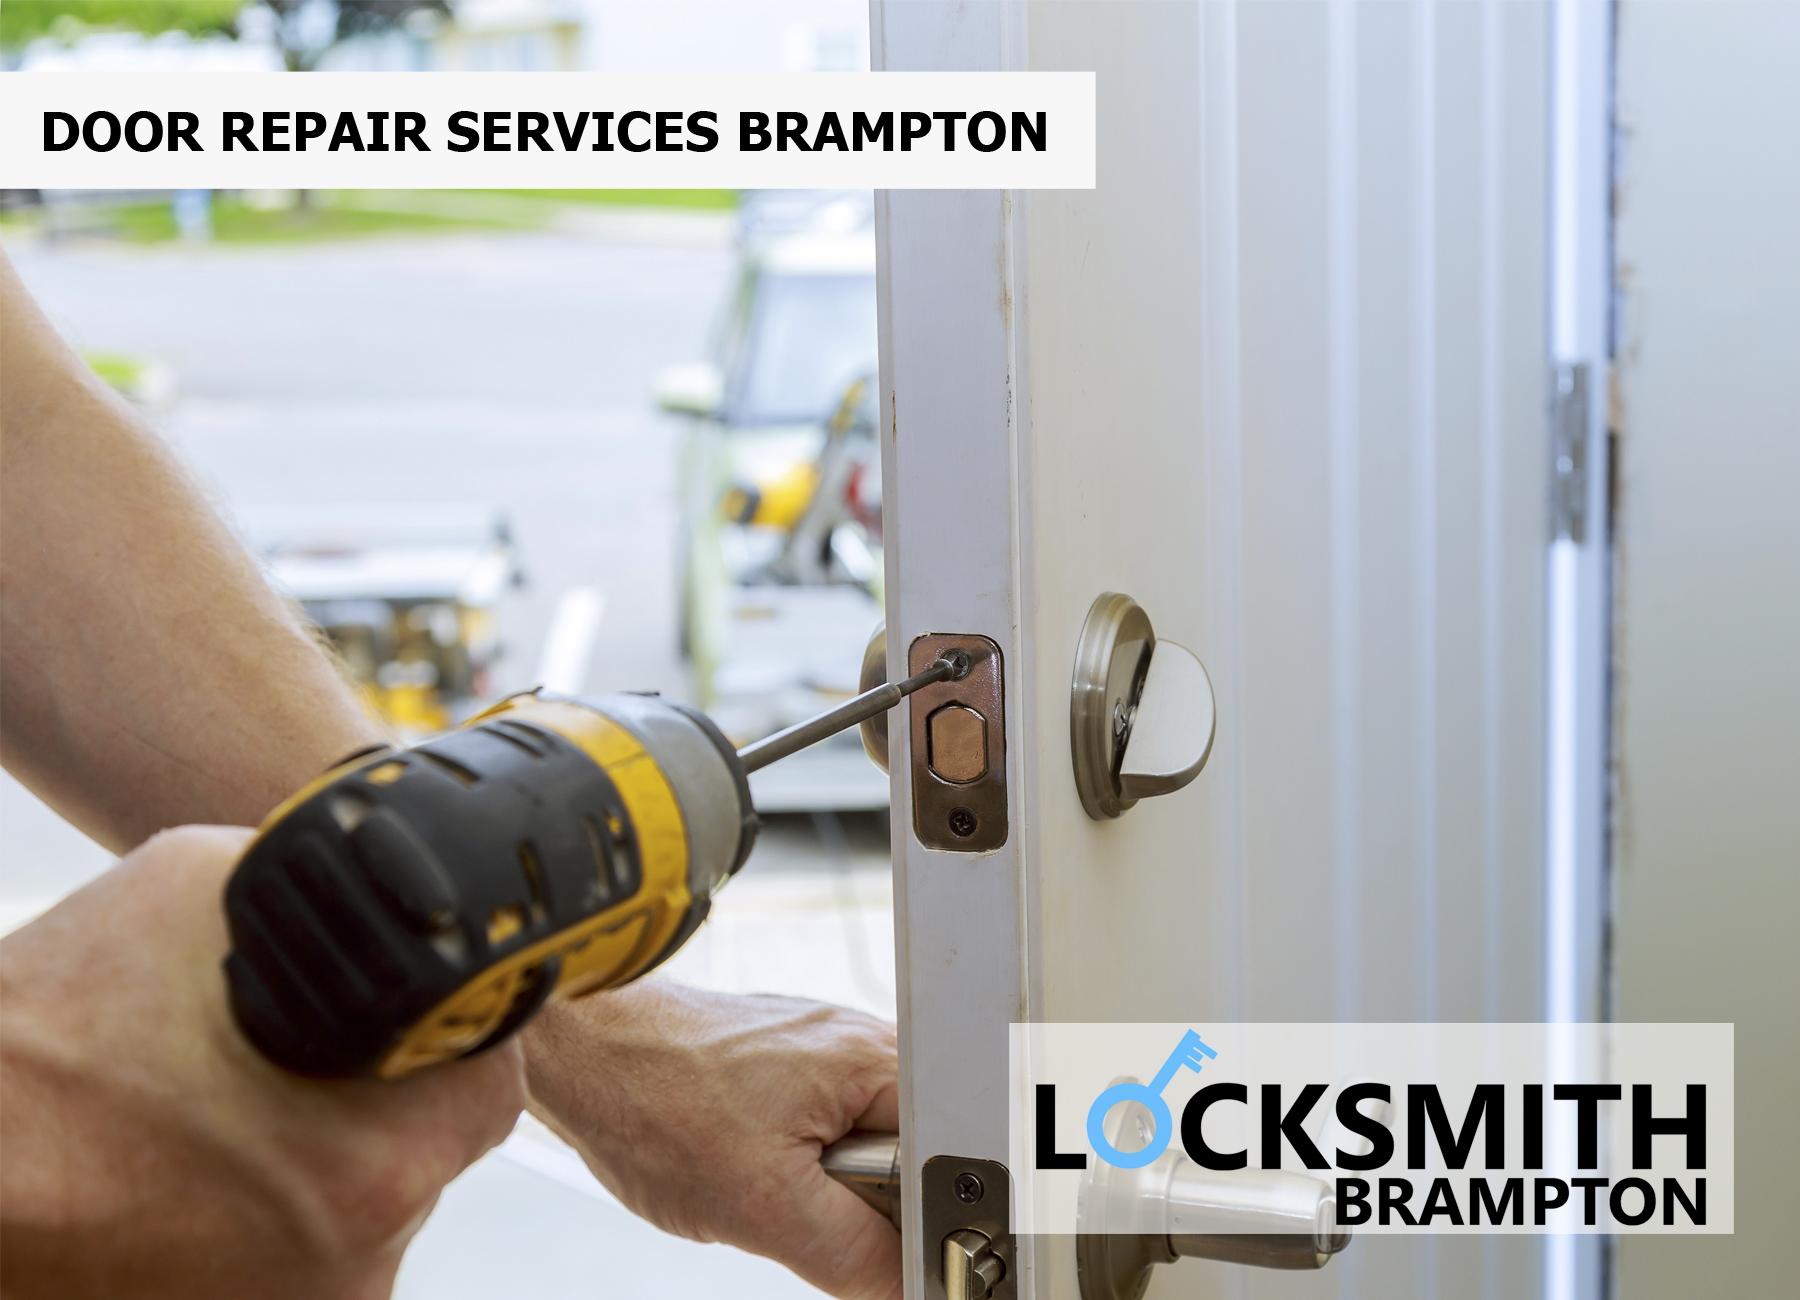 DOOR REPAIR SERVICES BRAMPTON